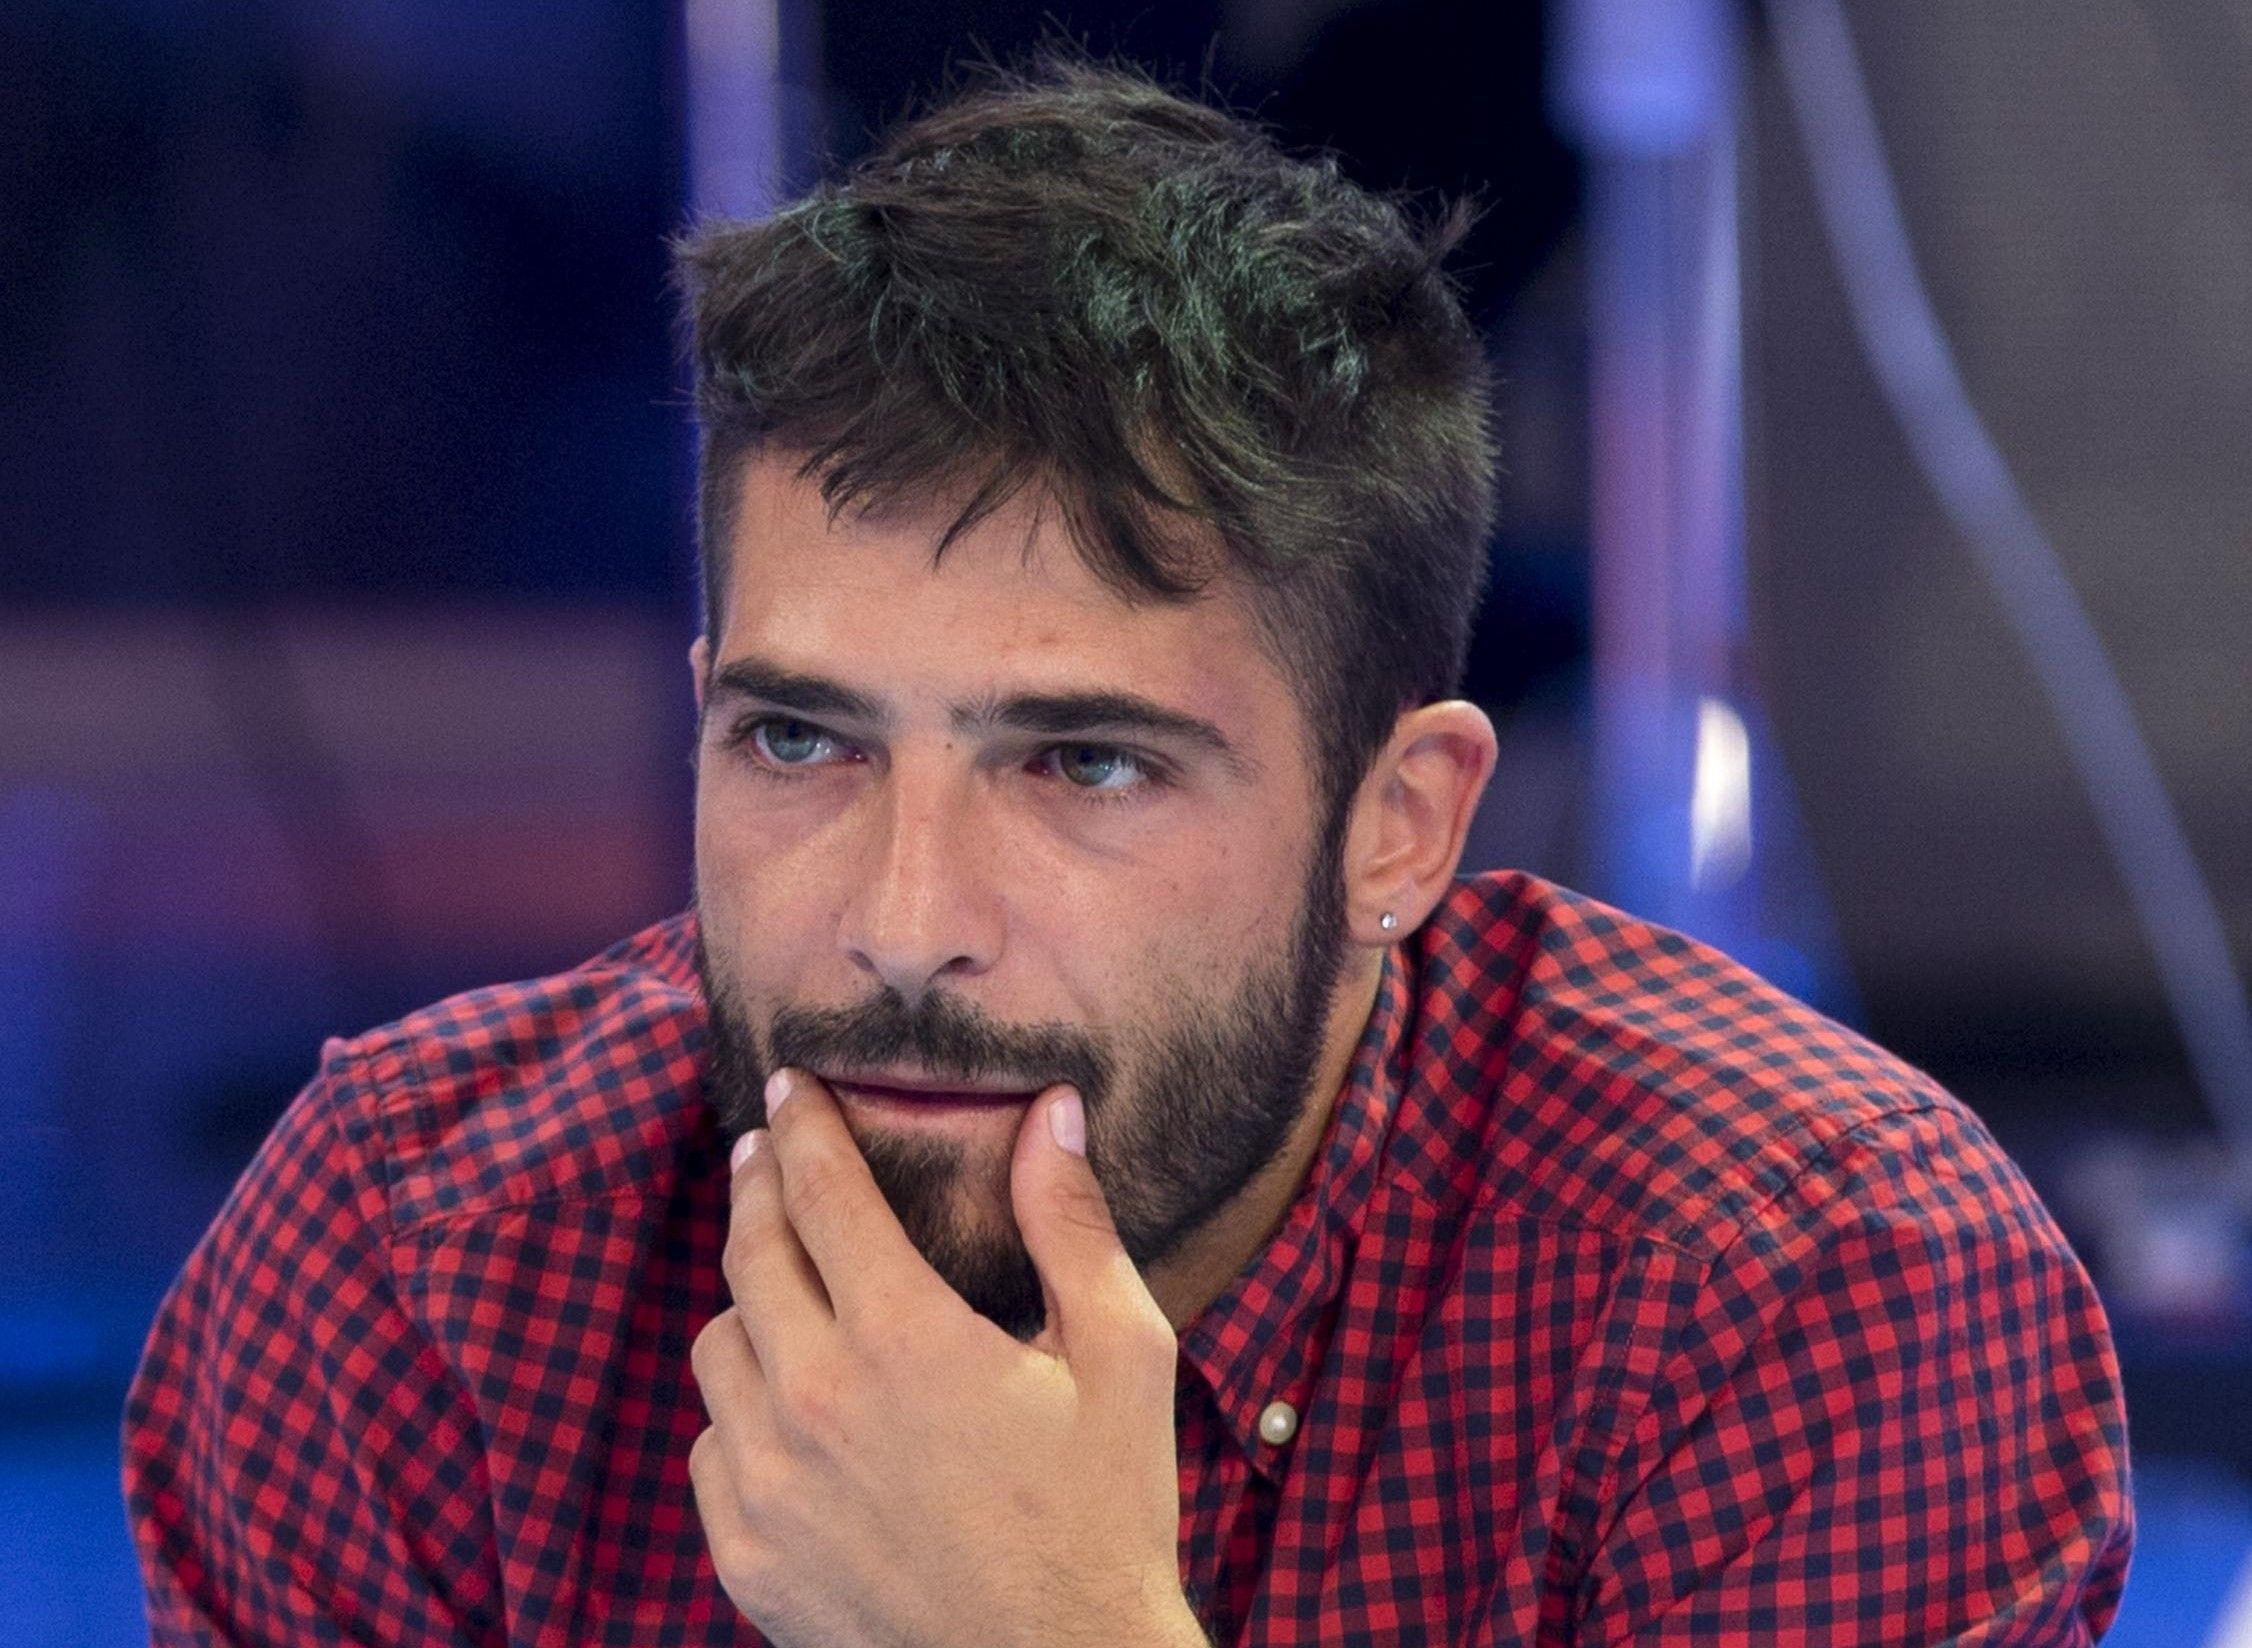 Marco Bocci è uscito dall'ospedale: 'Casa dolce casa'